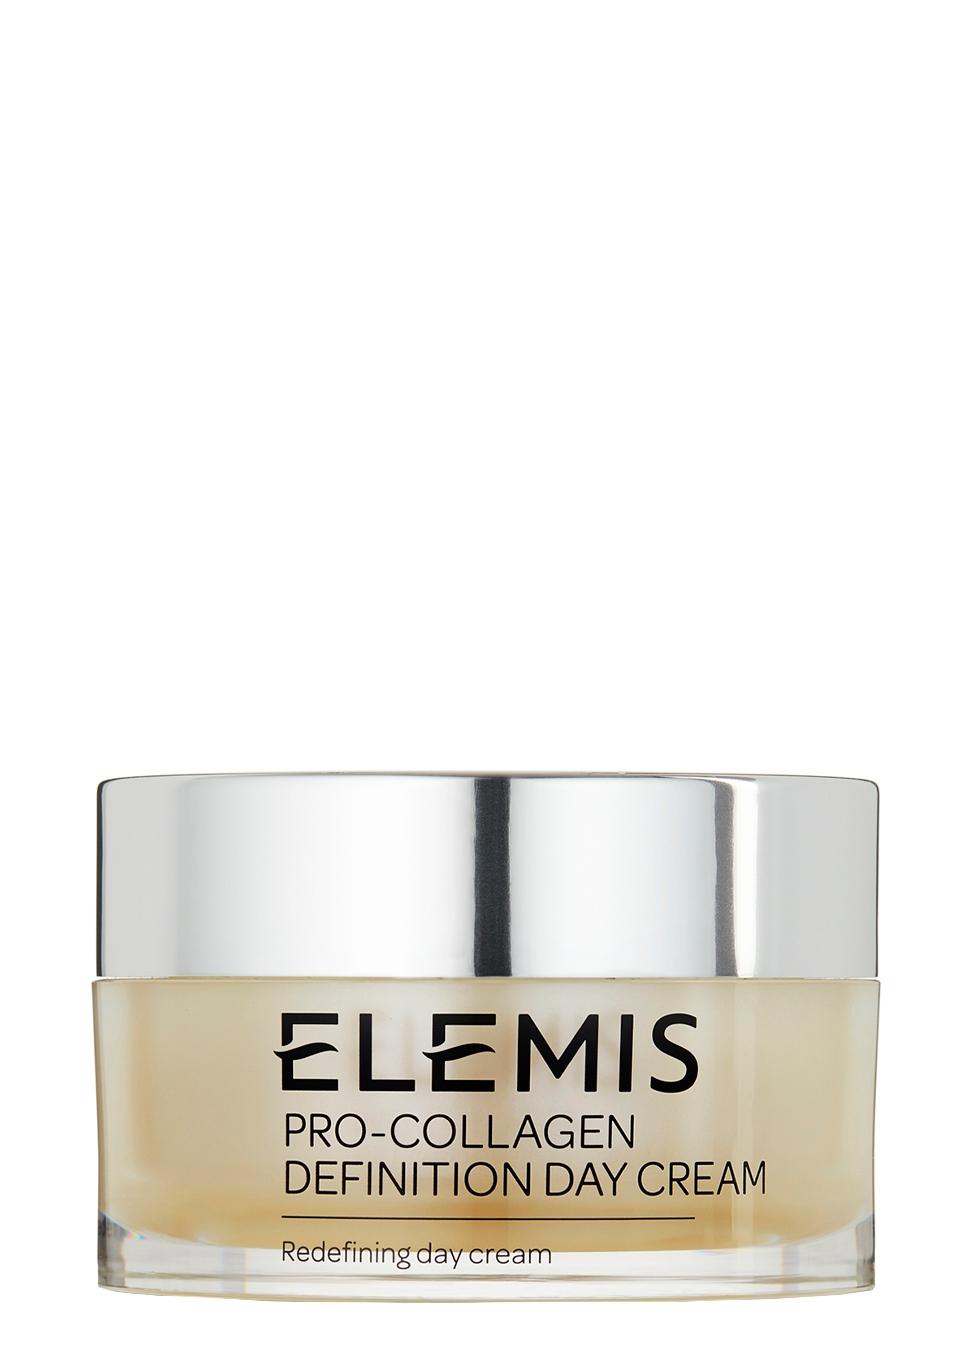 Pro-Collagen Definition Day Cream 50ml